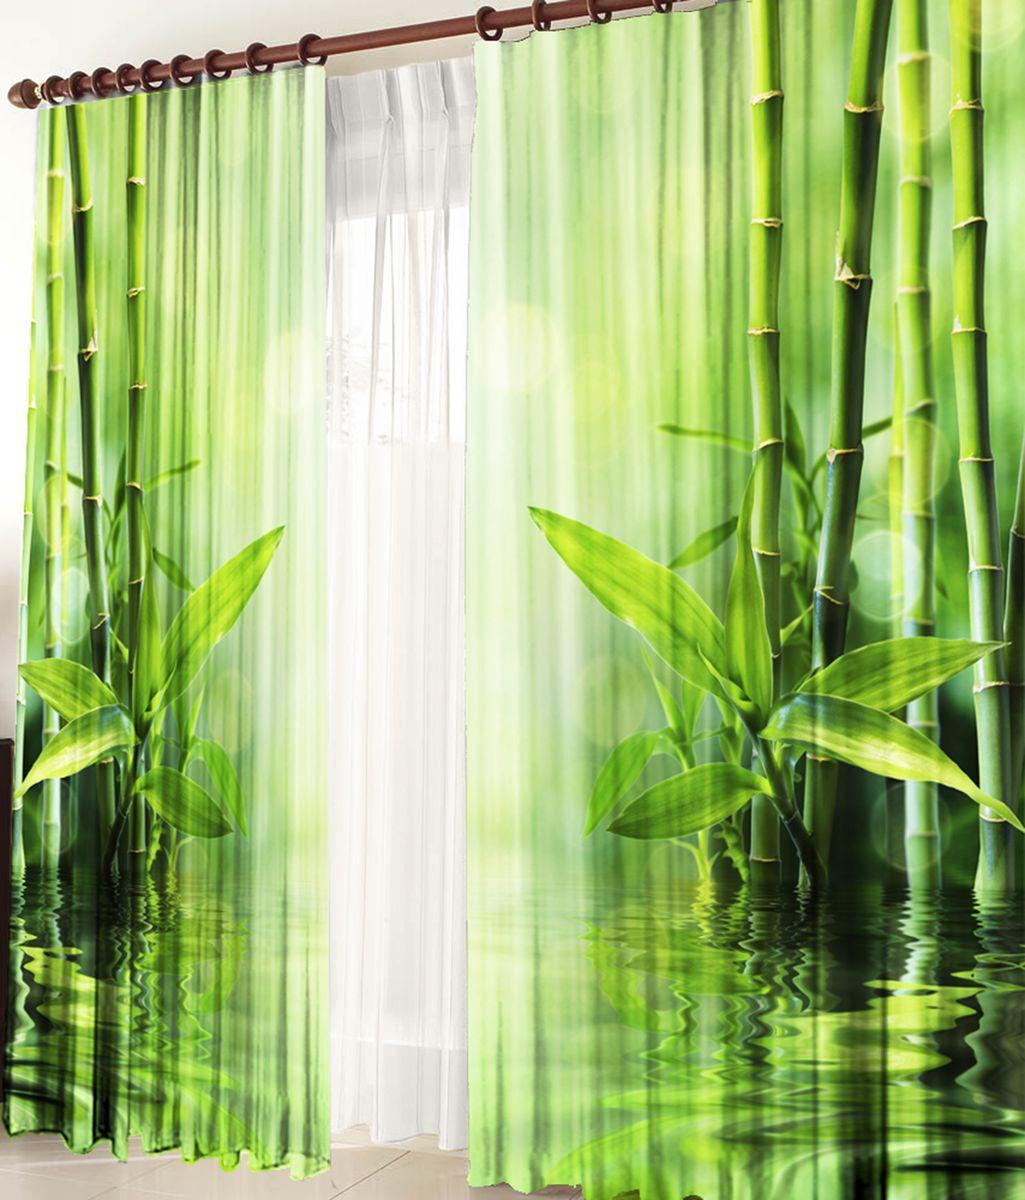 """Комплект фотоштор """"Zlata Korunka"""" изготовлен из габардиновой ткани высочайшего качества. Фотошторы способны не пропускать самый яркий свет, их можно гладить и стирать. Рекомендации по уходу: бережная стирка при 30°С, деликатный отжим, отбеливание запрещено, гладить при температуре не более 150°С. Светопоглощение 70%. Плотность ткани: 150 г/м2. Оттенок изделия может отличаться от представленного на сайте в силу особенностей цветопередачи фототехники и вашего монитора."""